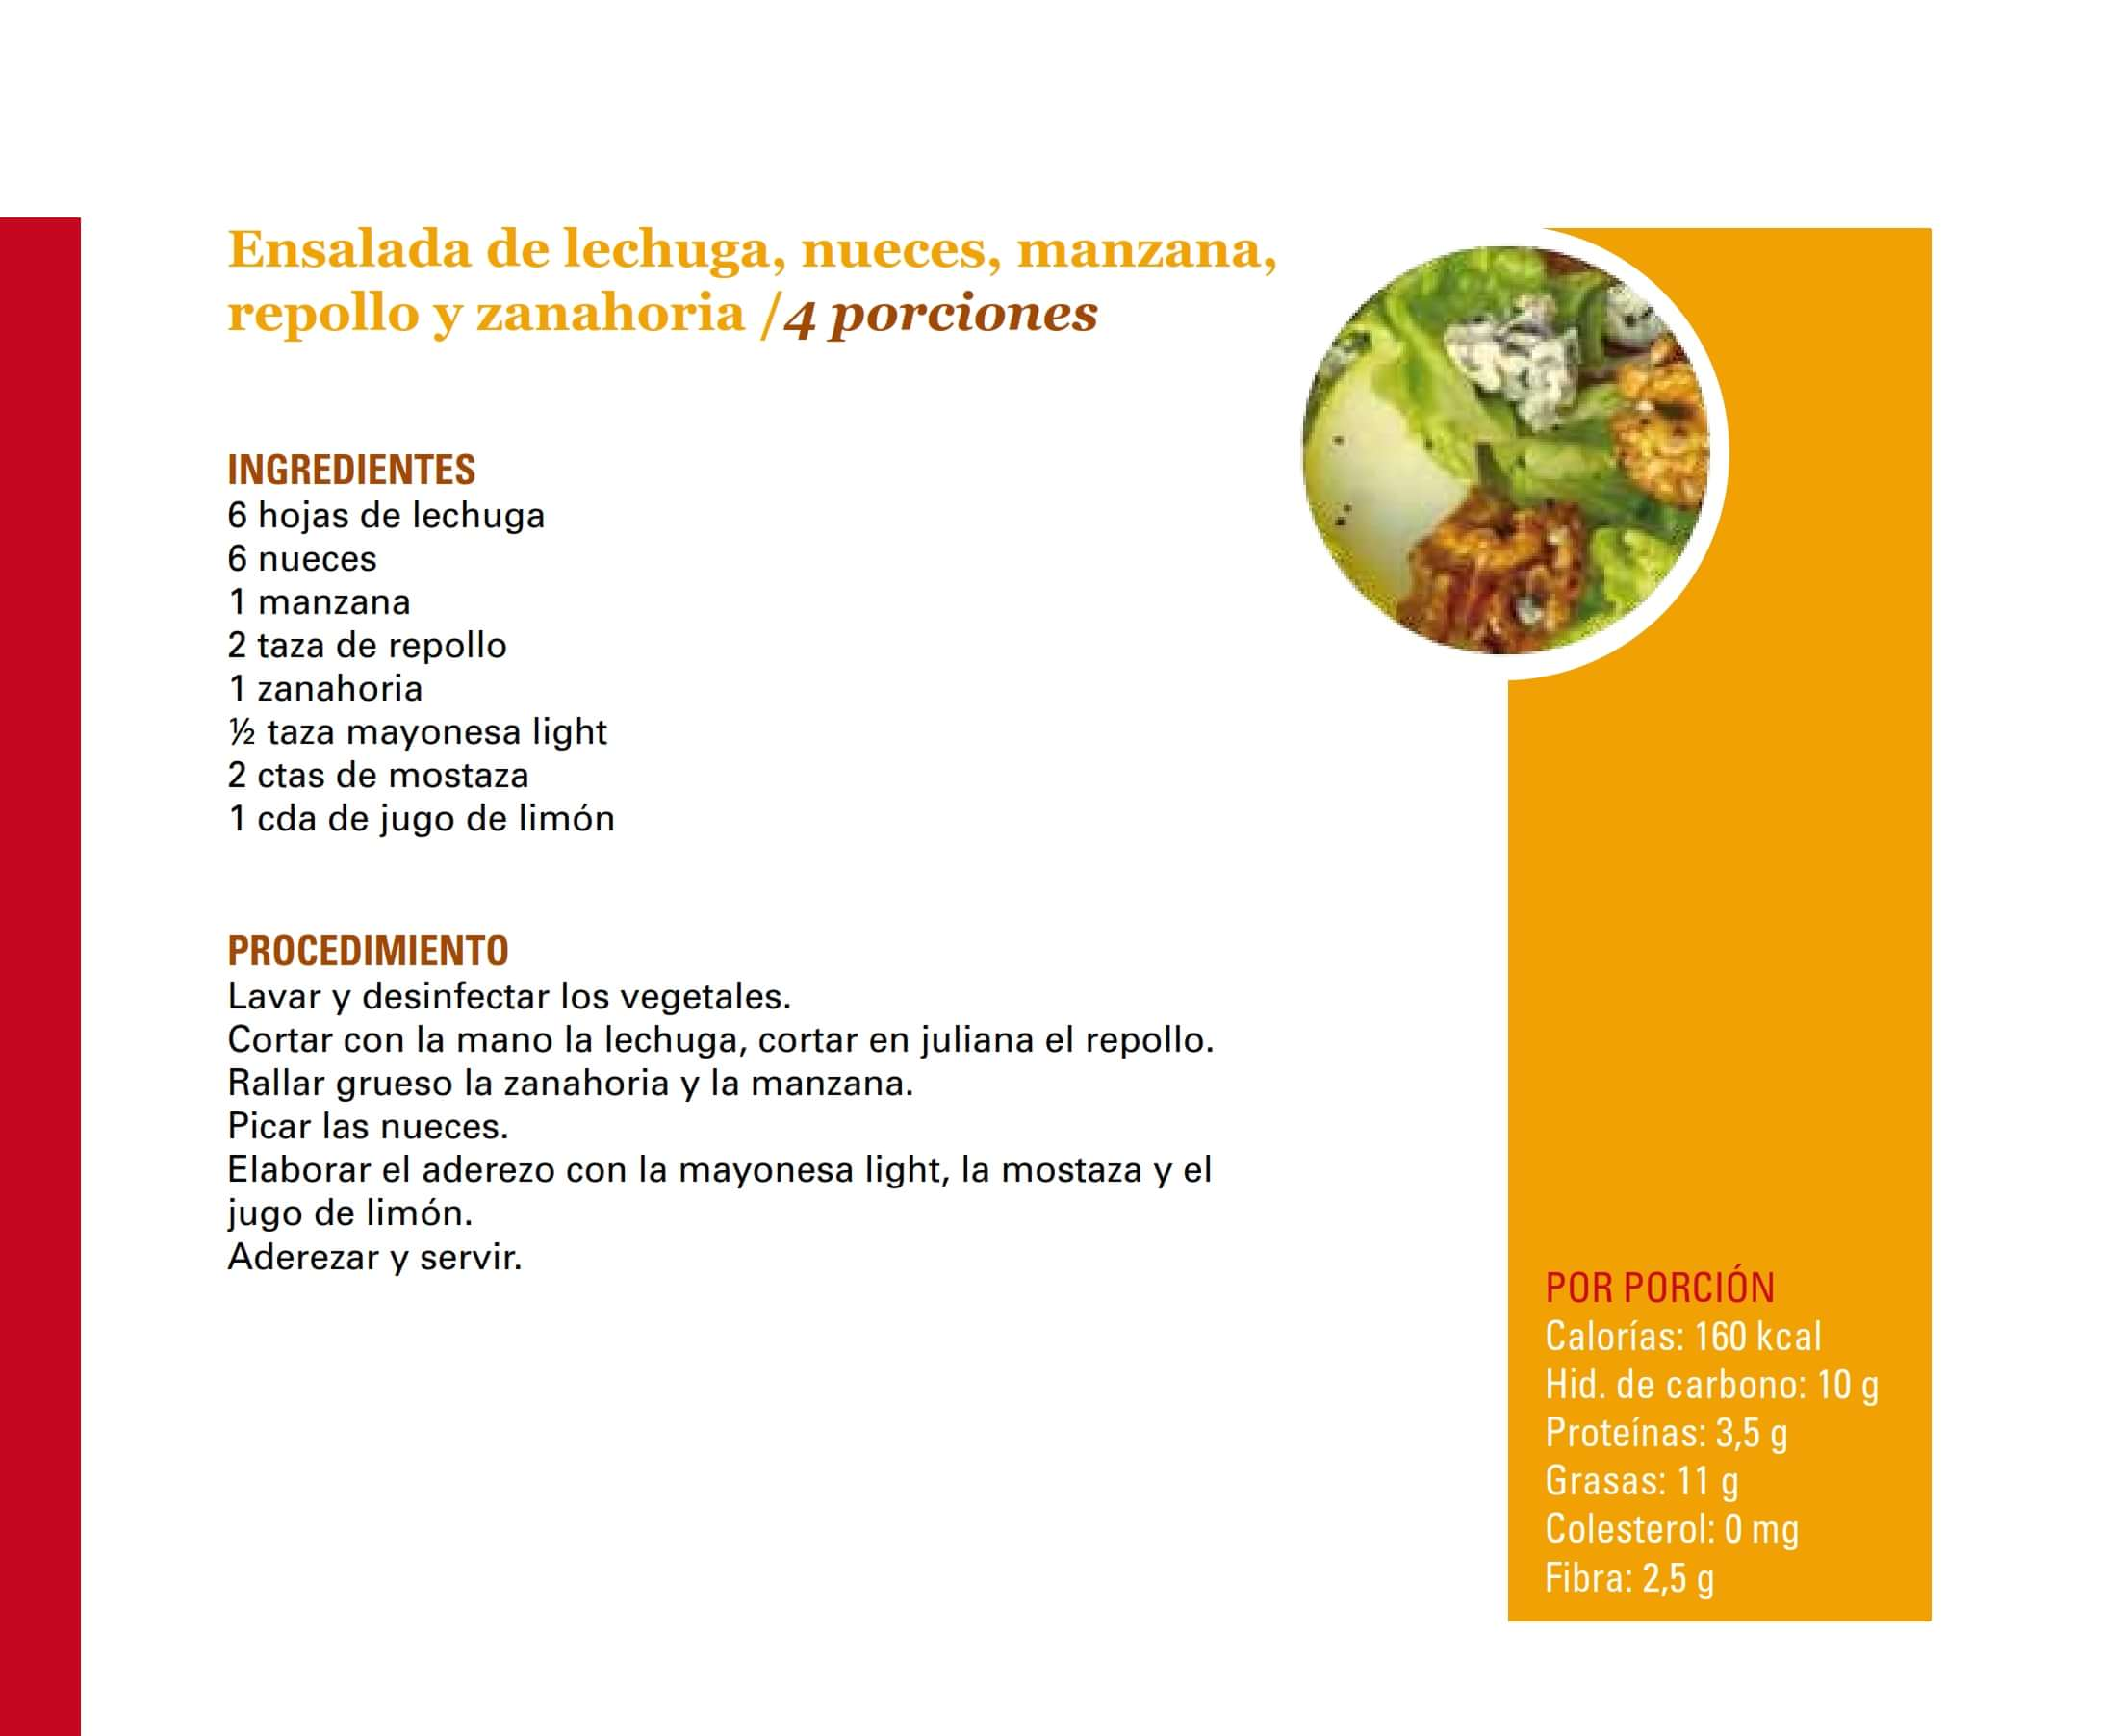 Ensalada de lechuga nueces manzana repollo y zanahoria 001-min